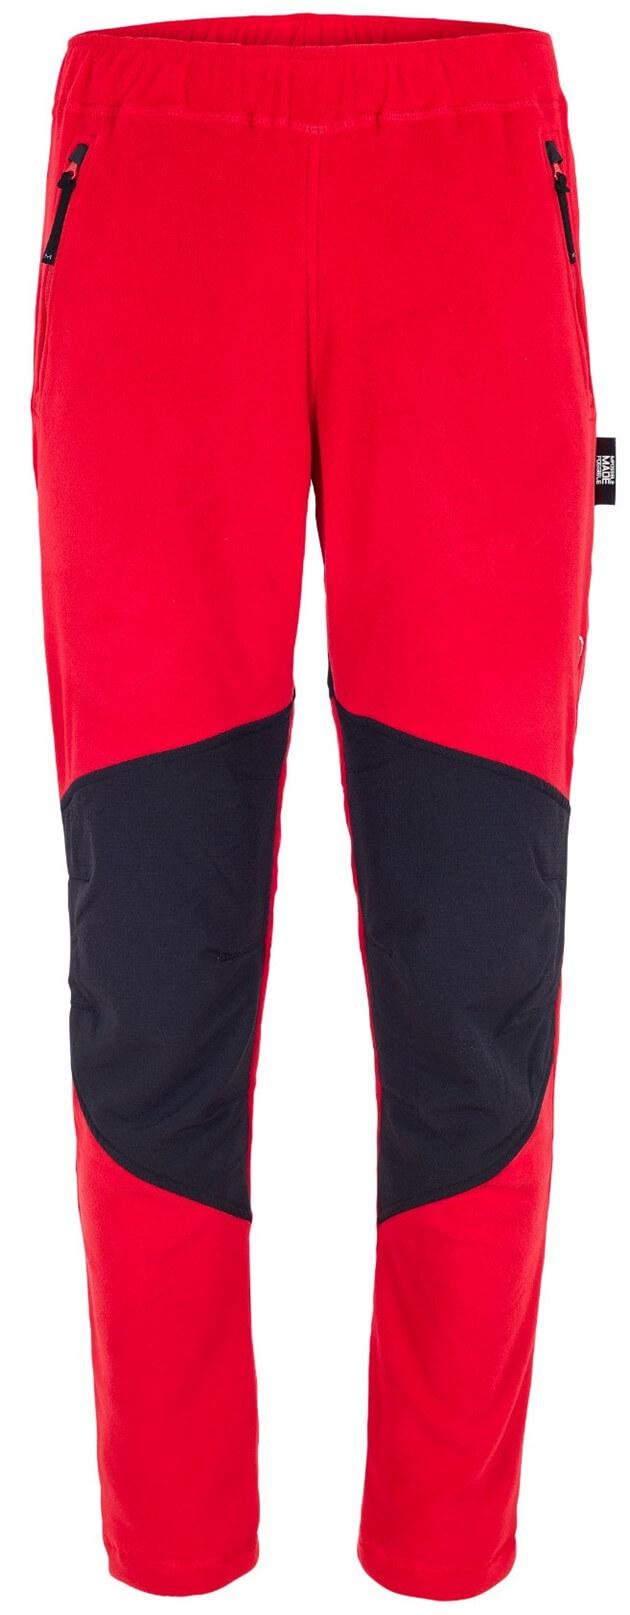 Spodnie polarowe Anas Pants Milo czerwone   Sklep